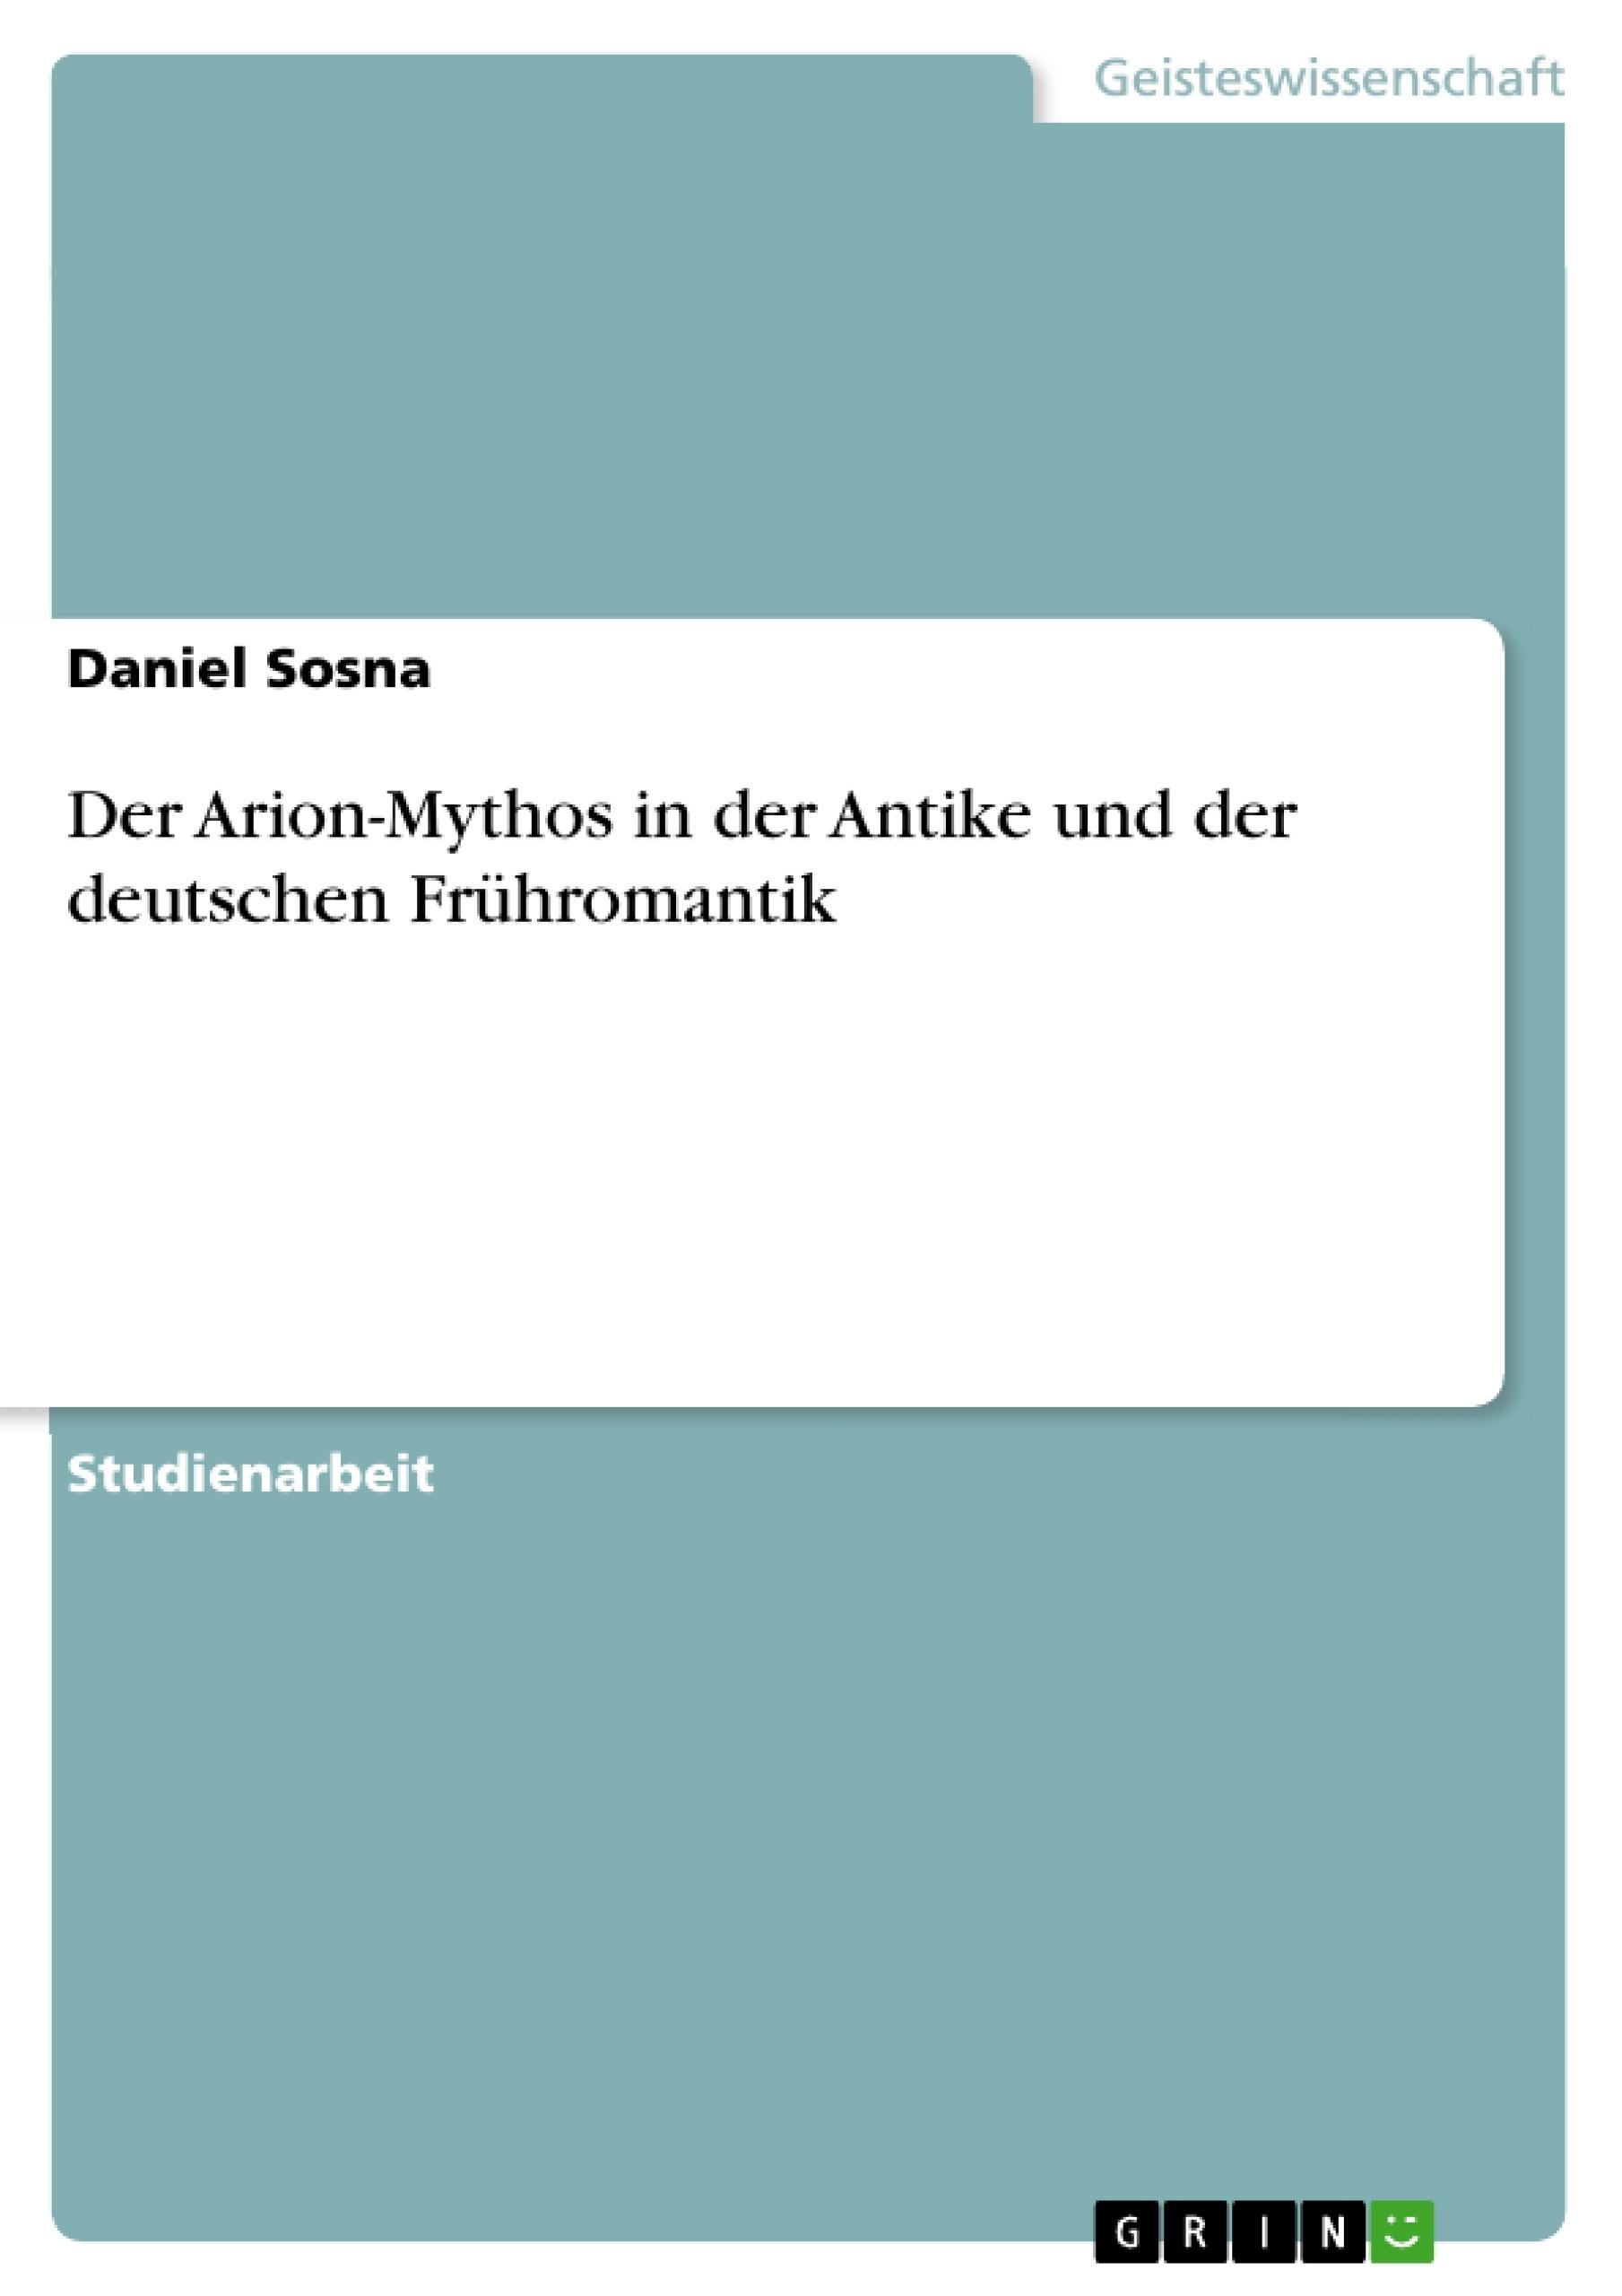 Titel: Der Arion-Mythos in der Antike und der deutschen Frühromantik